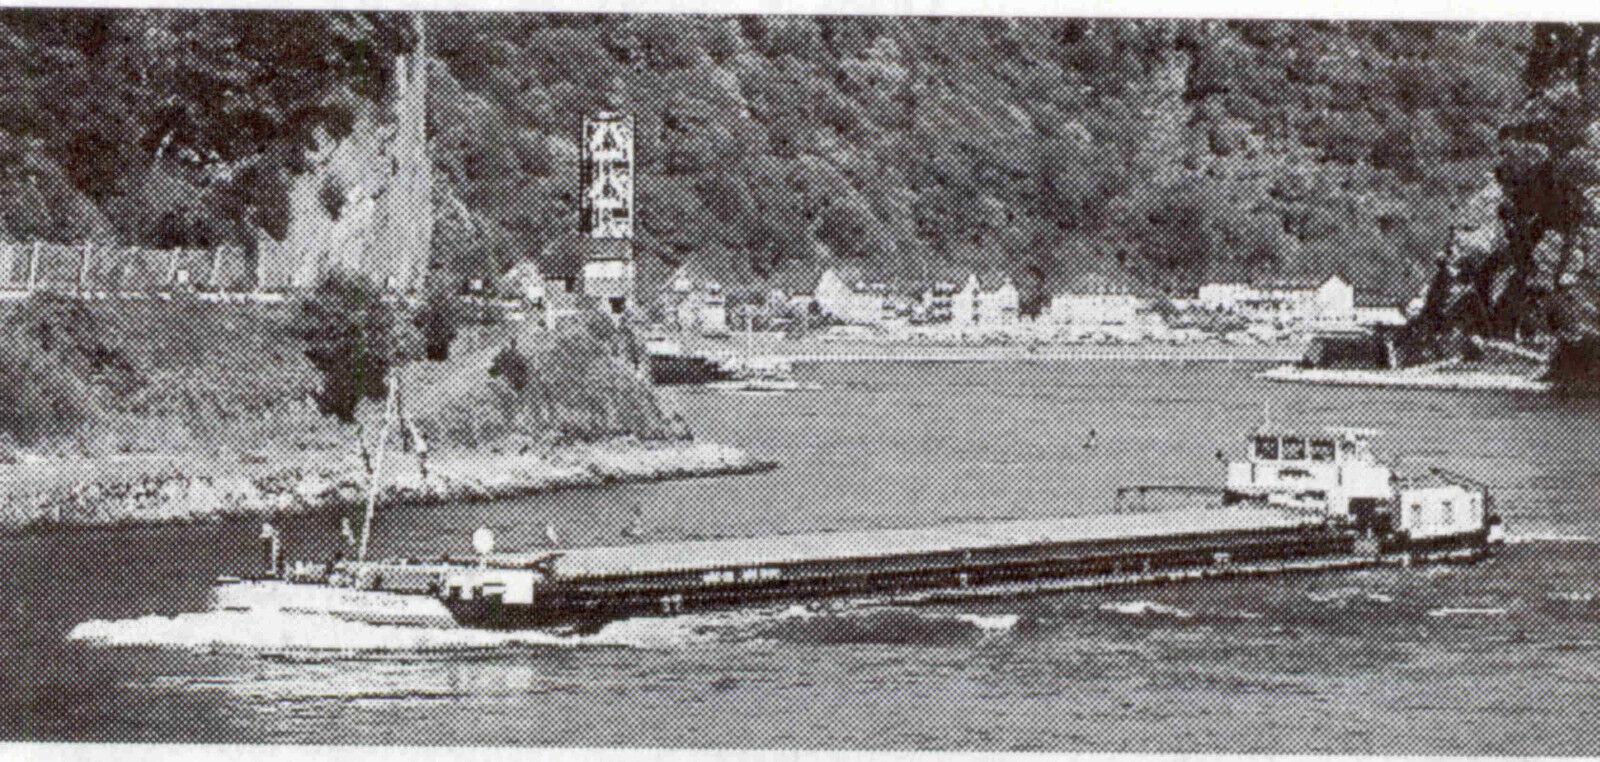 MS Panther. fluviali di 1961. edifici modello